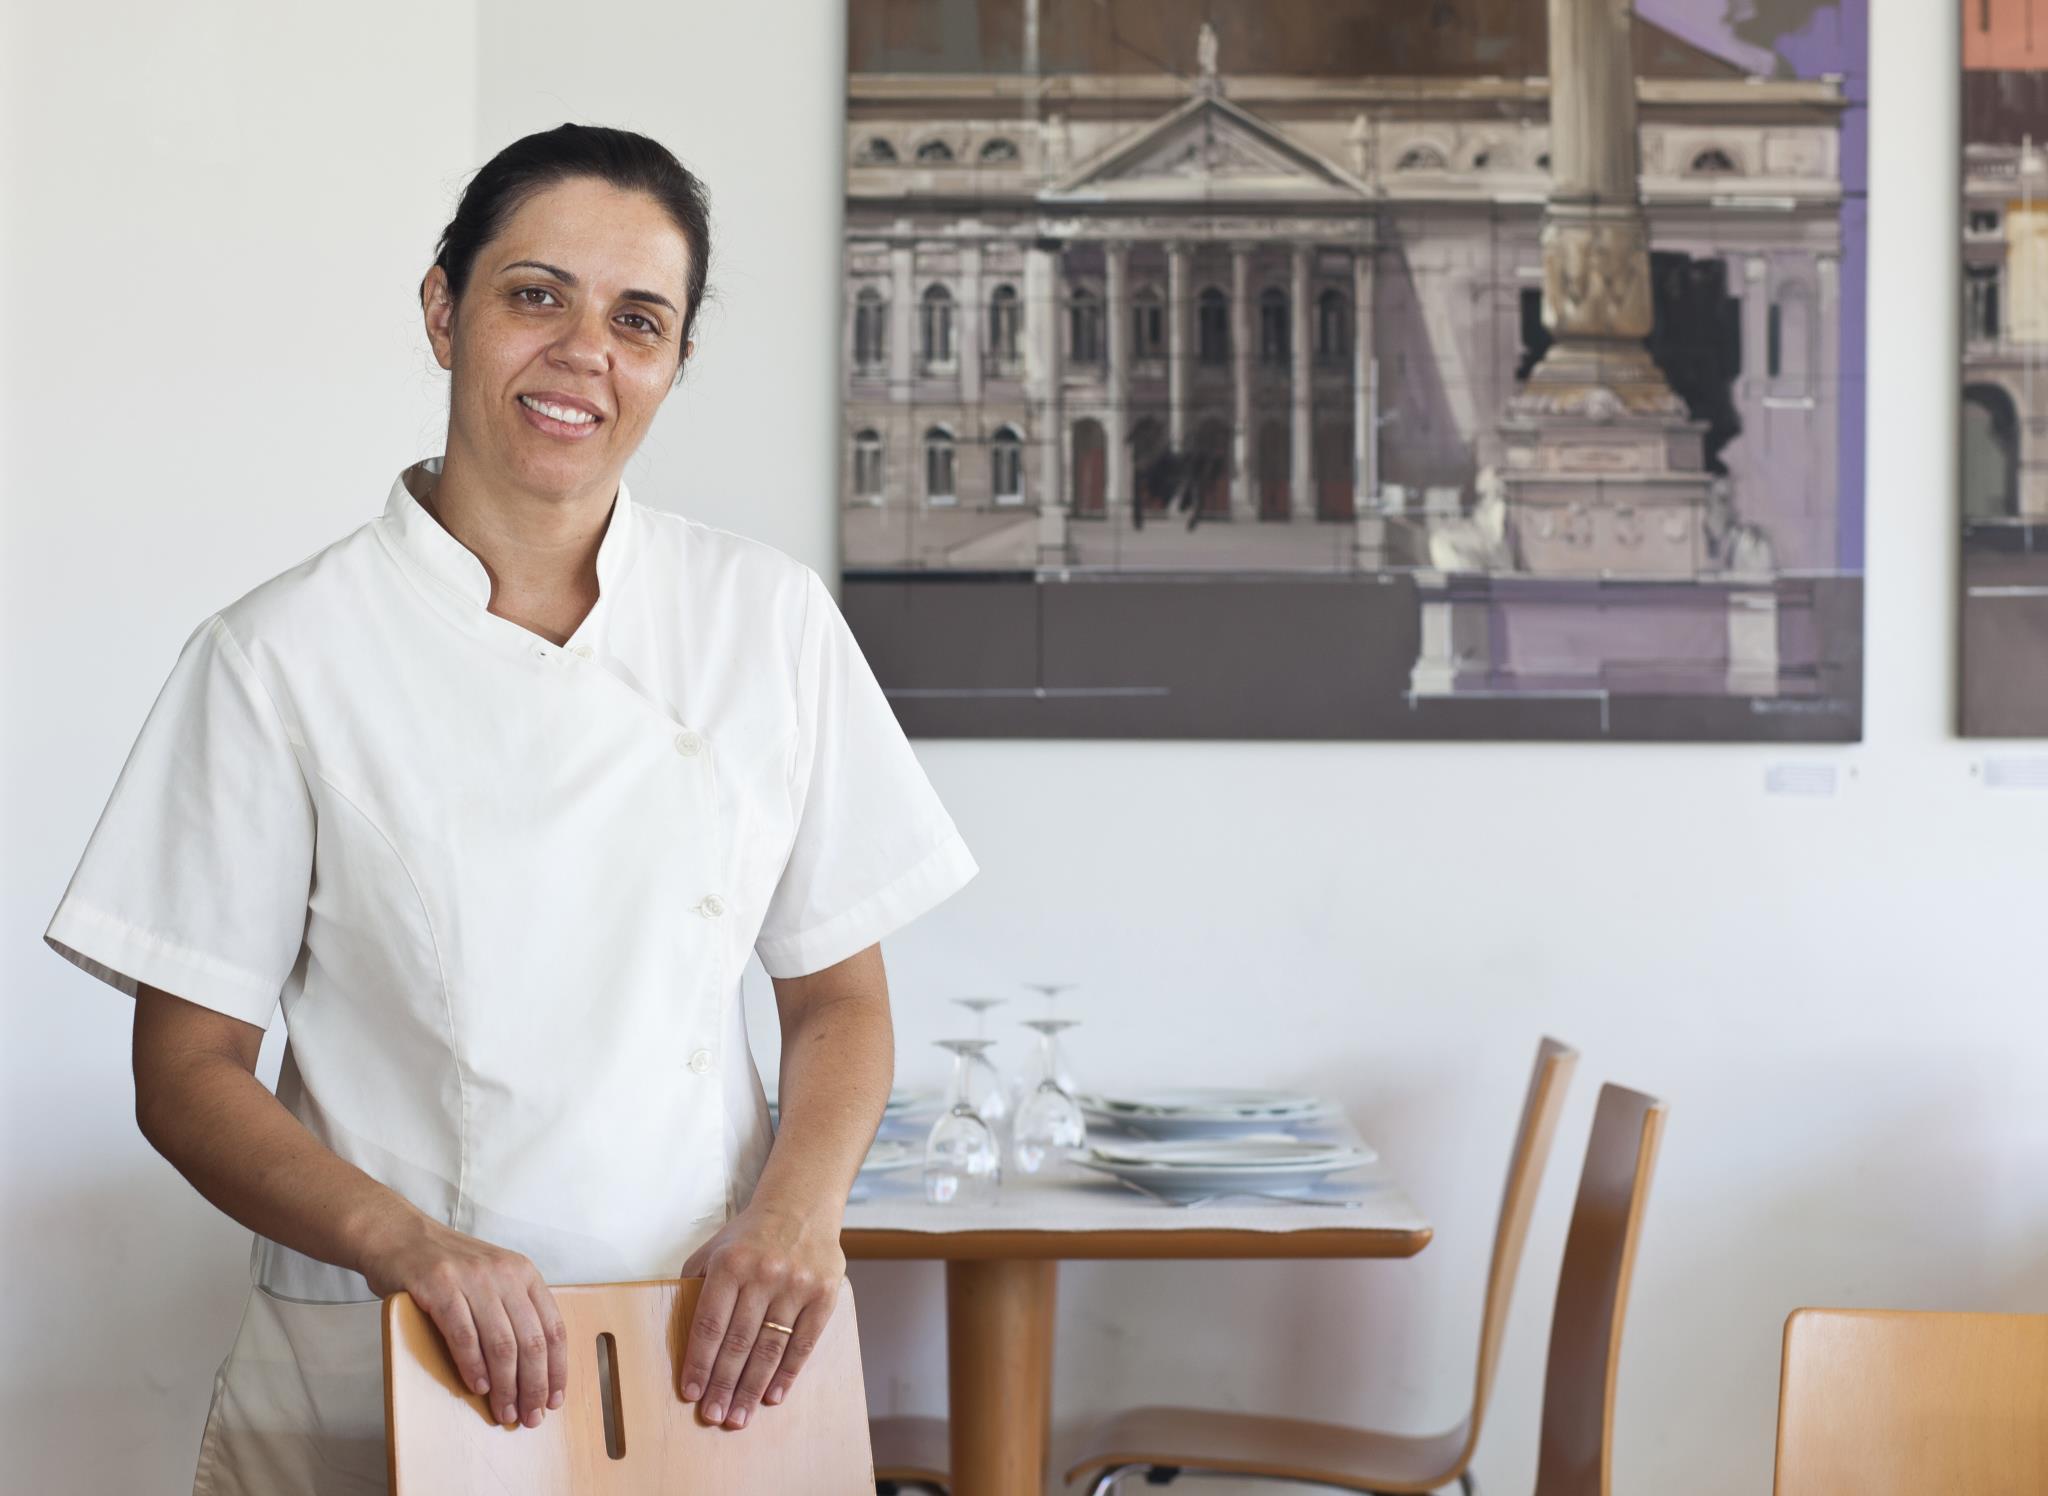 Noélia, chef no restaurante Noélia e Jerónimo, em Cabanas de Tavira